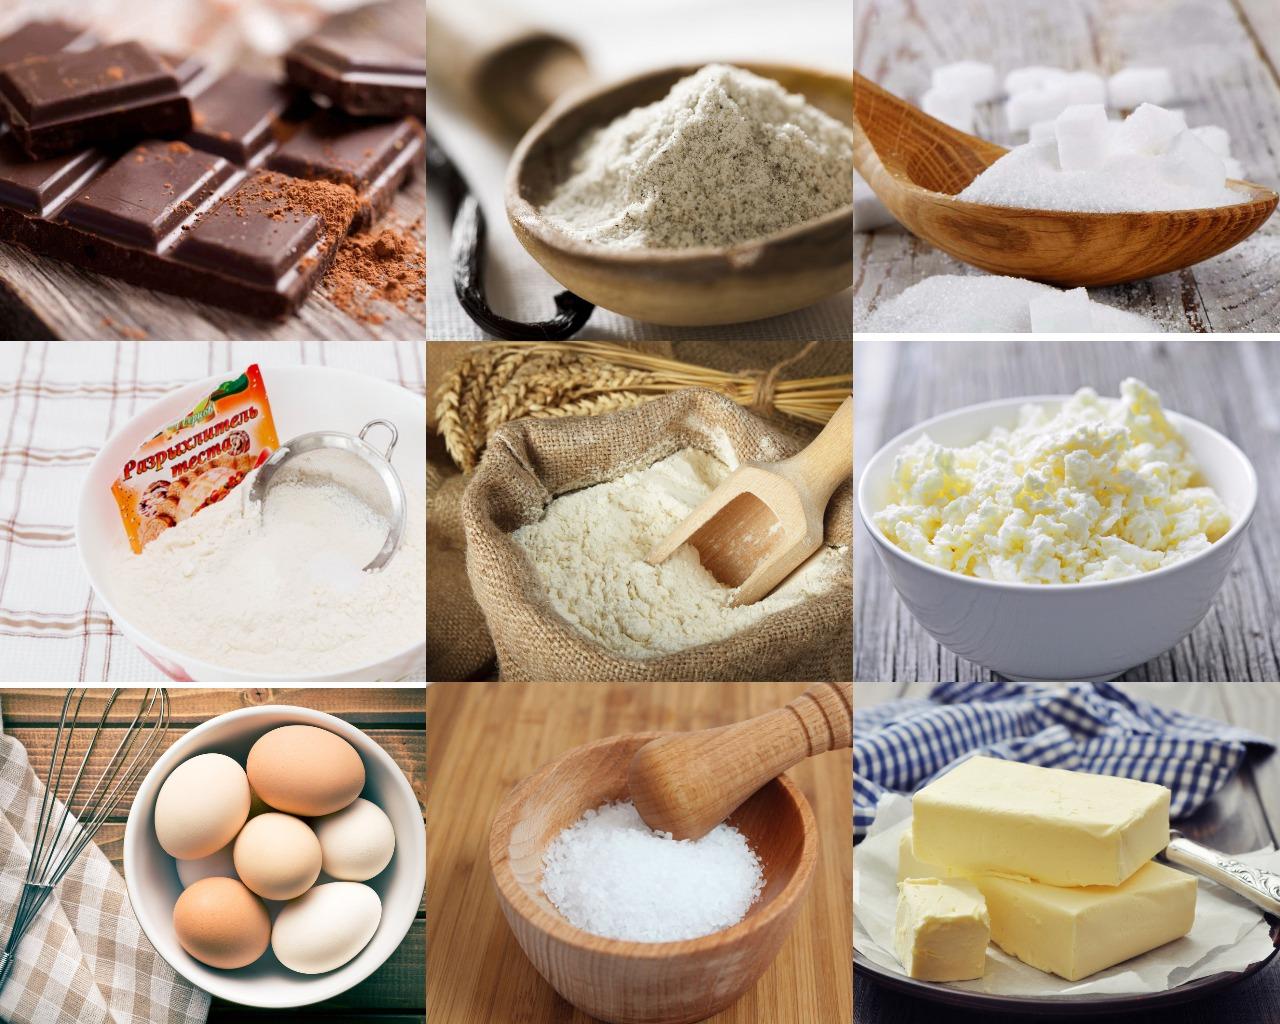 Ингредиенты для шоколадно-творожного мраморного пирога